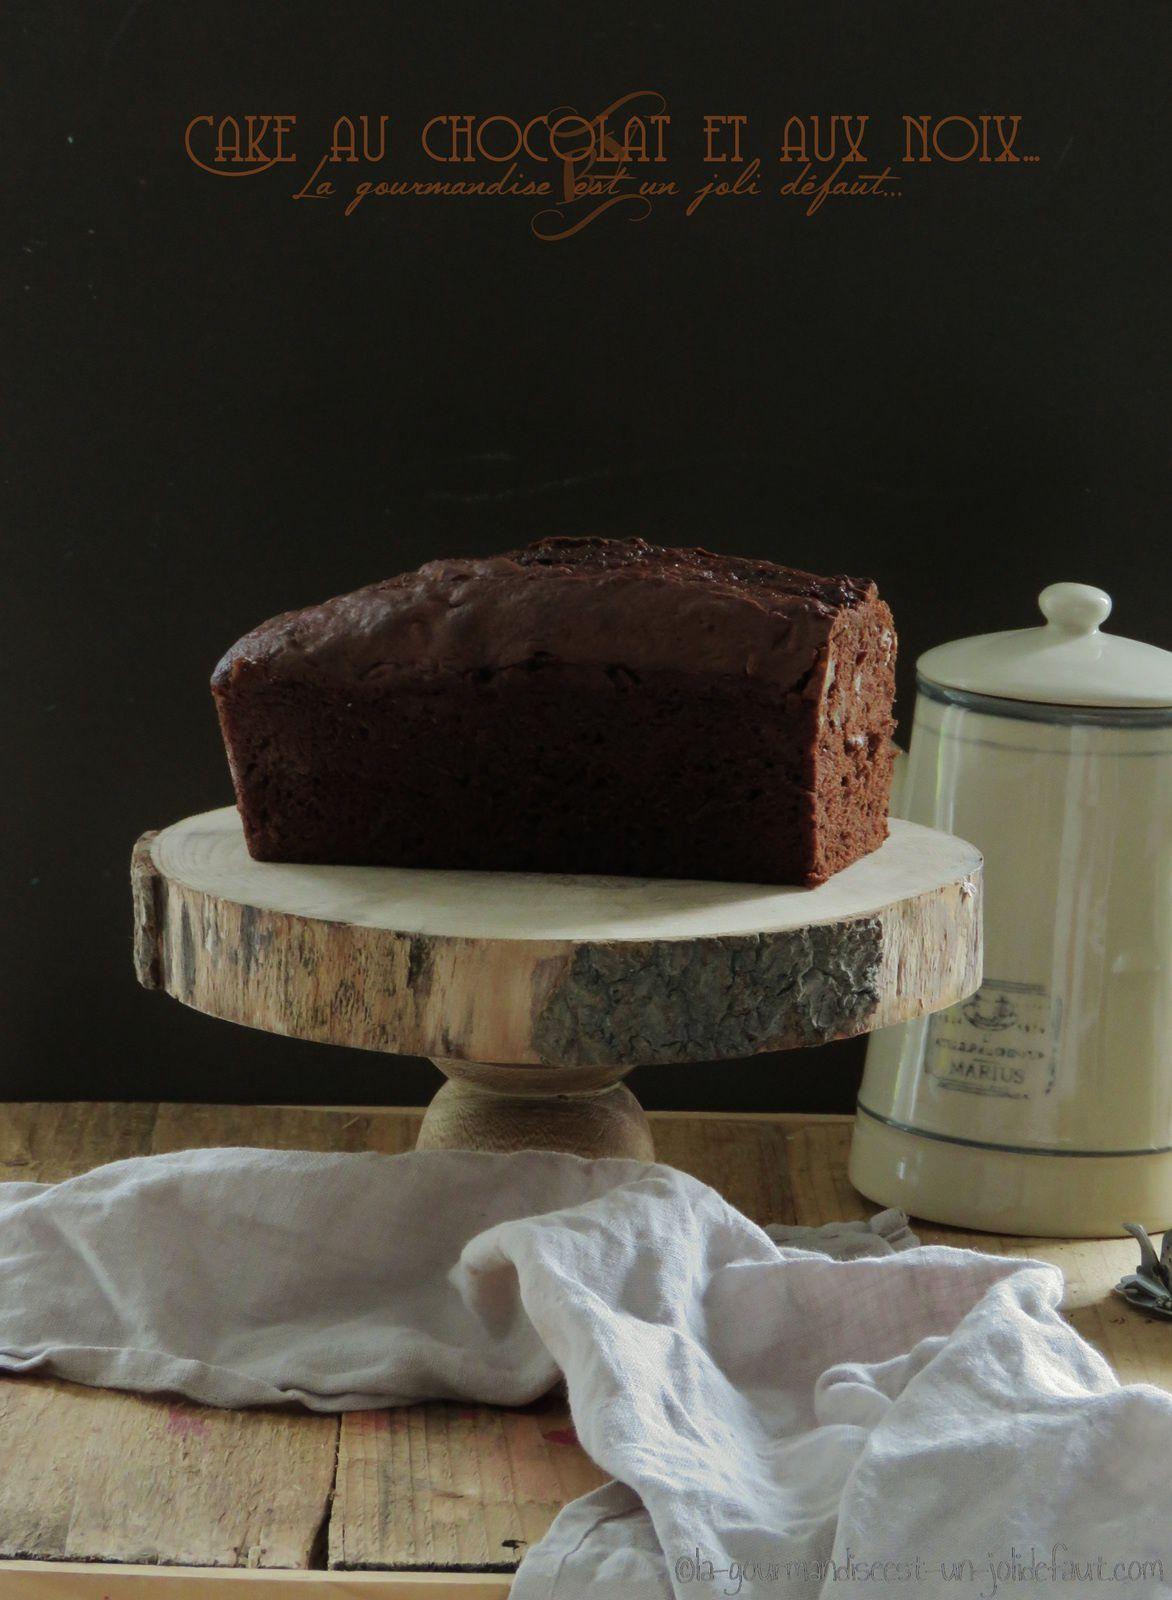 Cake au chocolat et aux noix {à la crème fraiche}